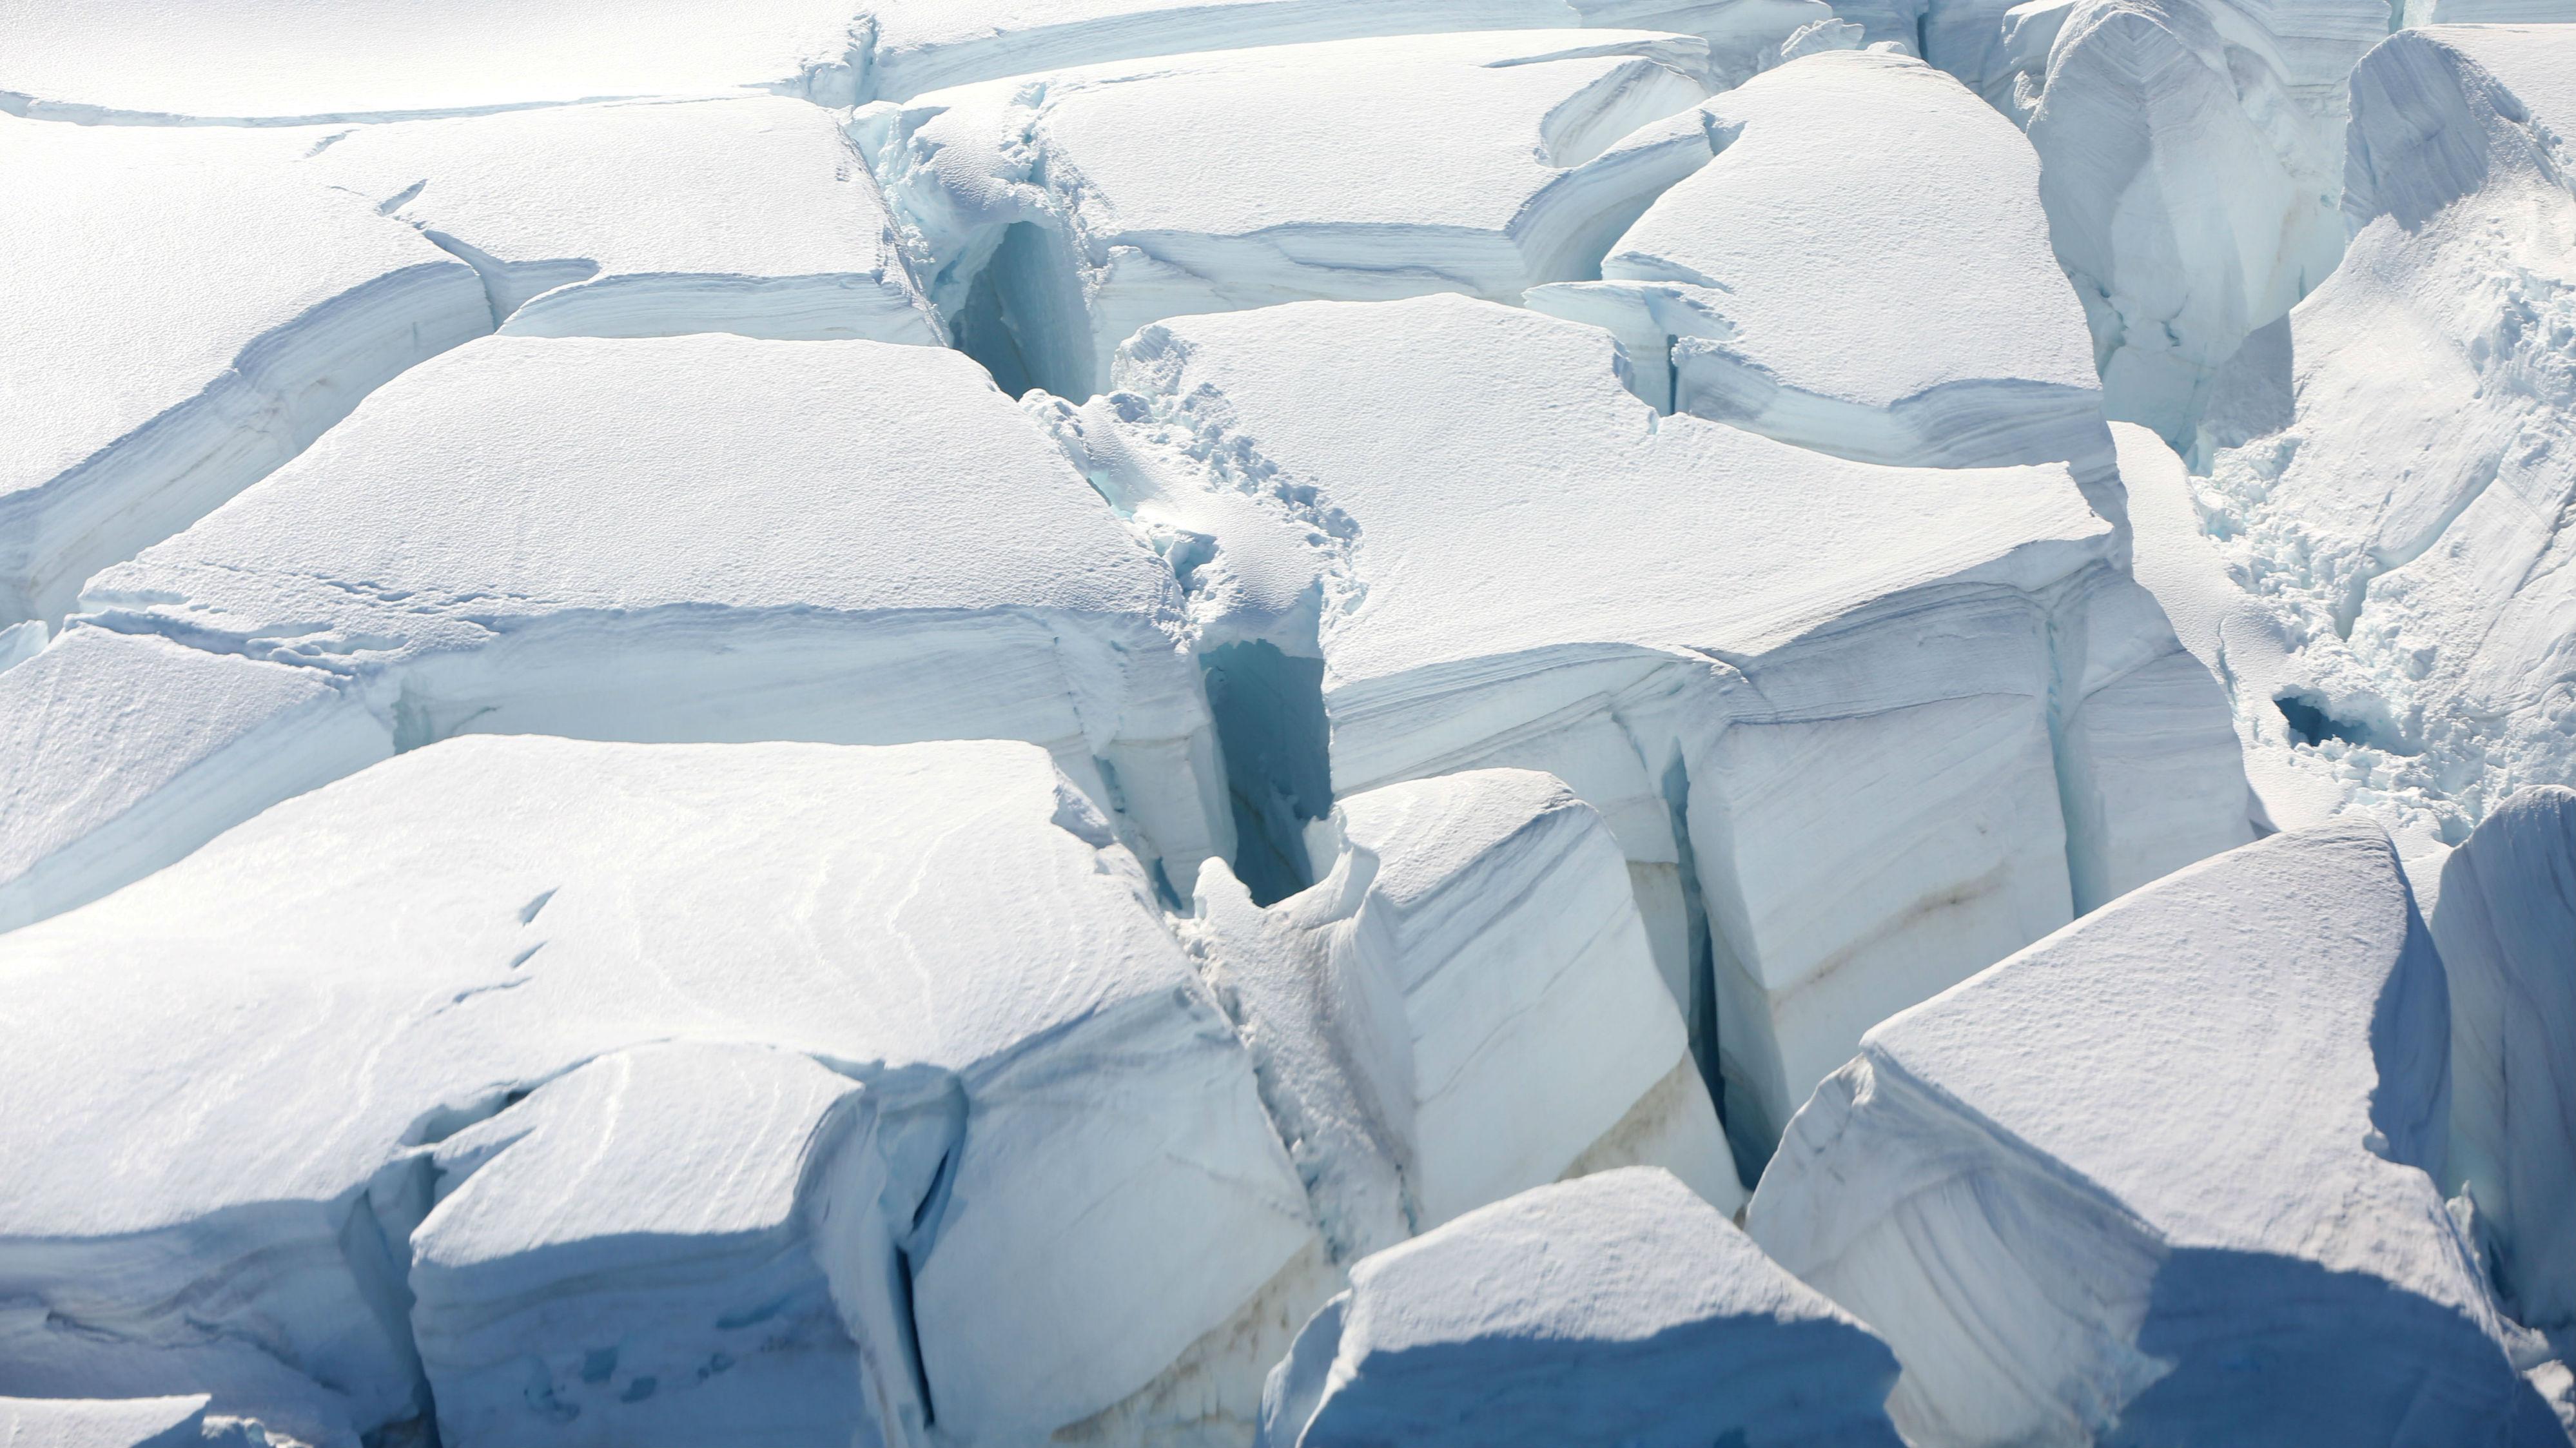 A glacier is seen in Half Moon Bay, Antarctica, February 18, 2018.